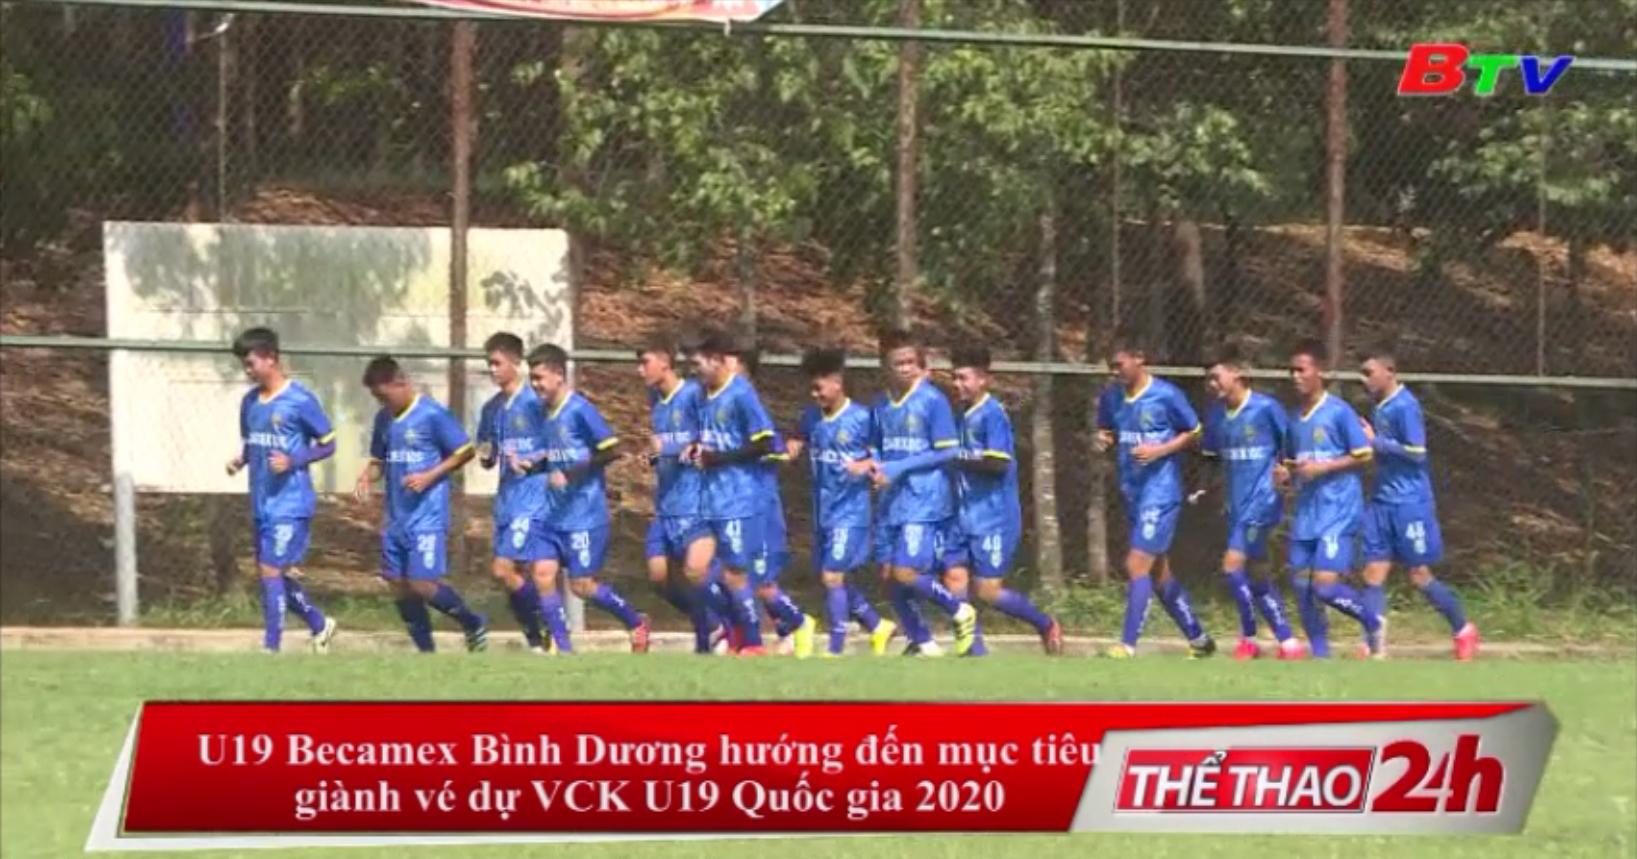 U19 Becamex Bình Dương hướng đến mục tiêu giành vé dự VCK U19 Quốc gia 2020